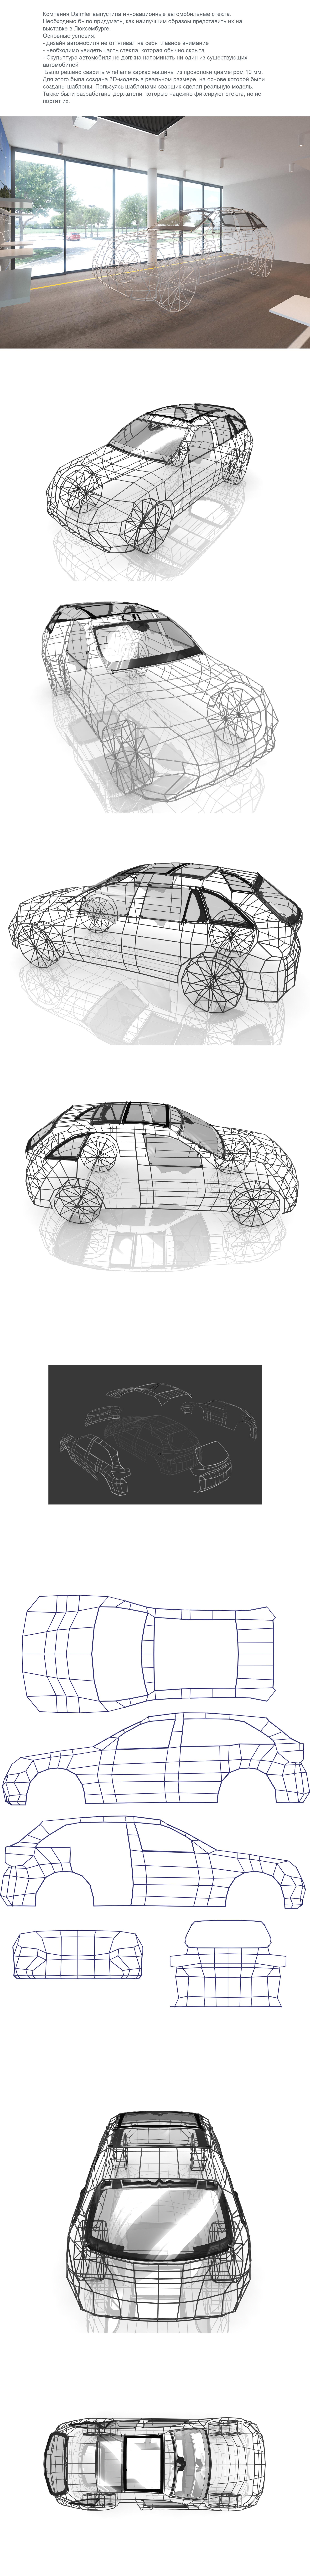 Дизайн автомобиля для демонстрации стекол на выставке в Люксембурге